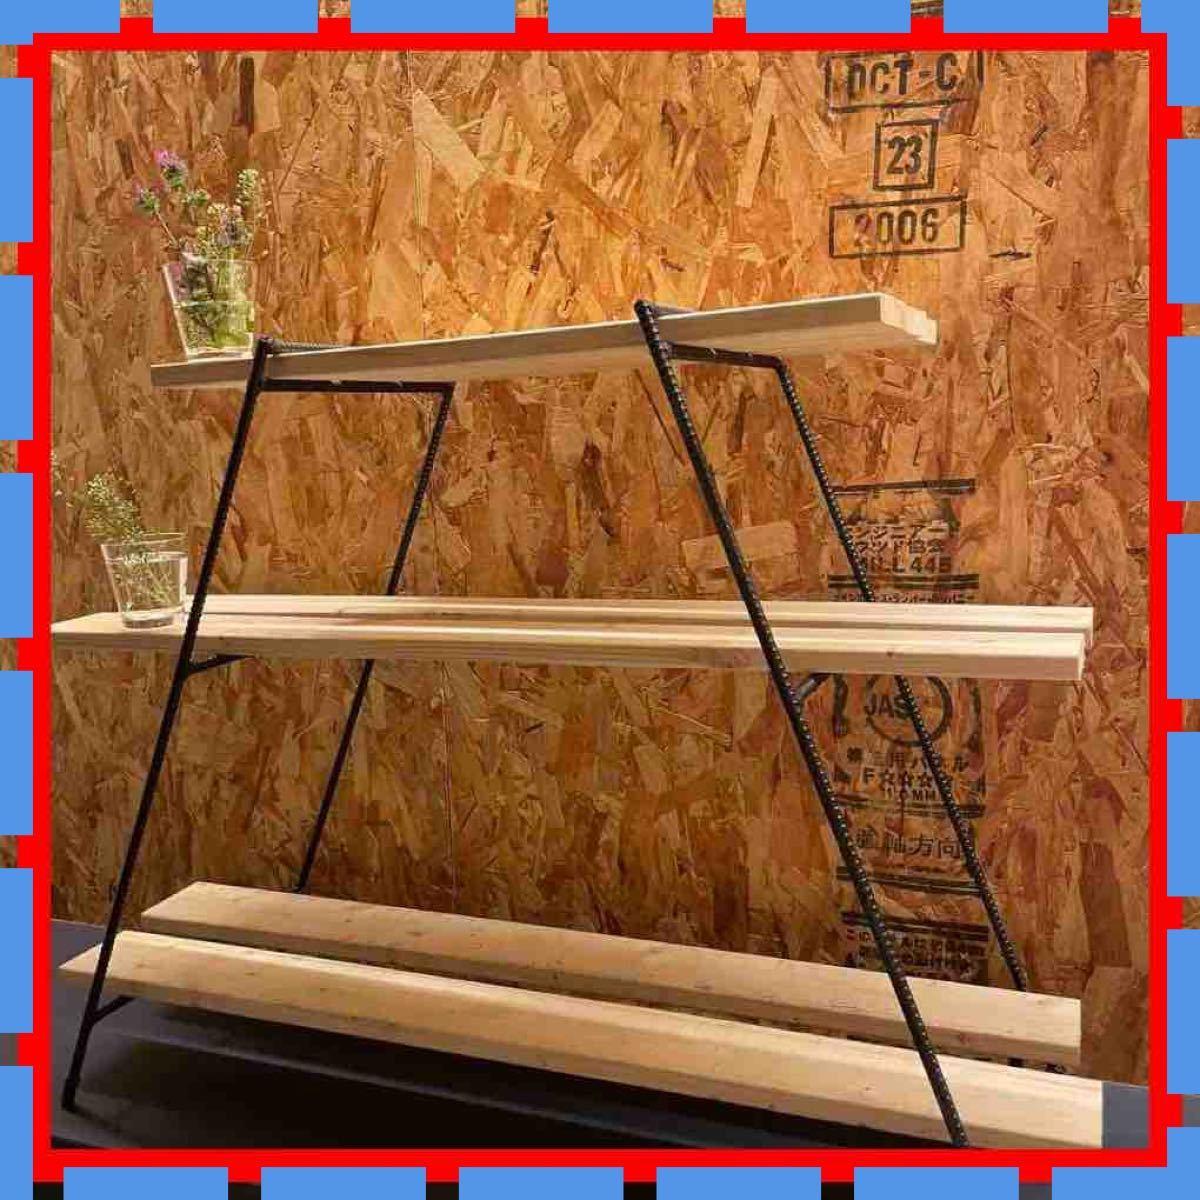 123 アイアンラック アイアンテーブル 鉄脚 アイアンシェルフ キャンプ 作業台 アウトドア 店舗什器 アイアンレッグ